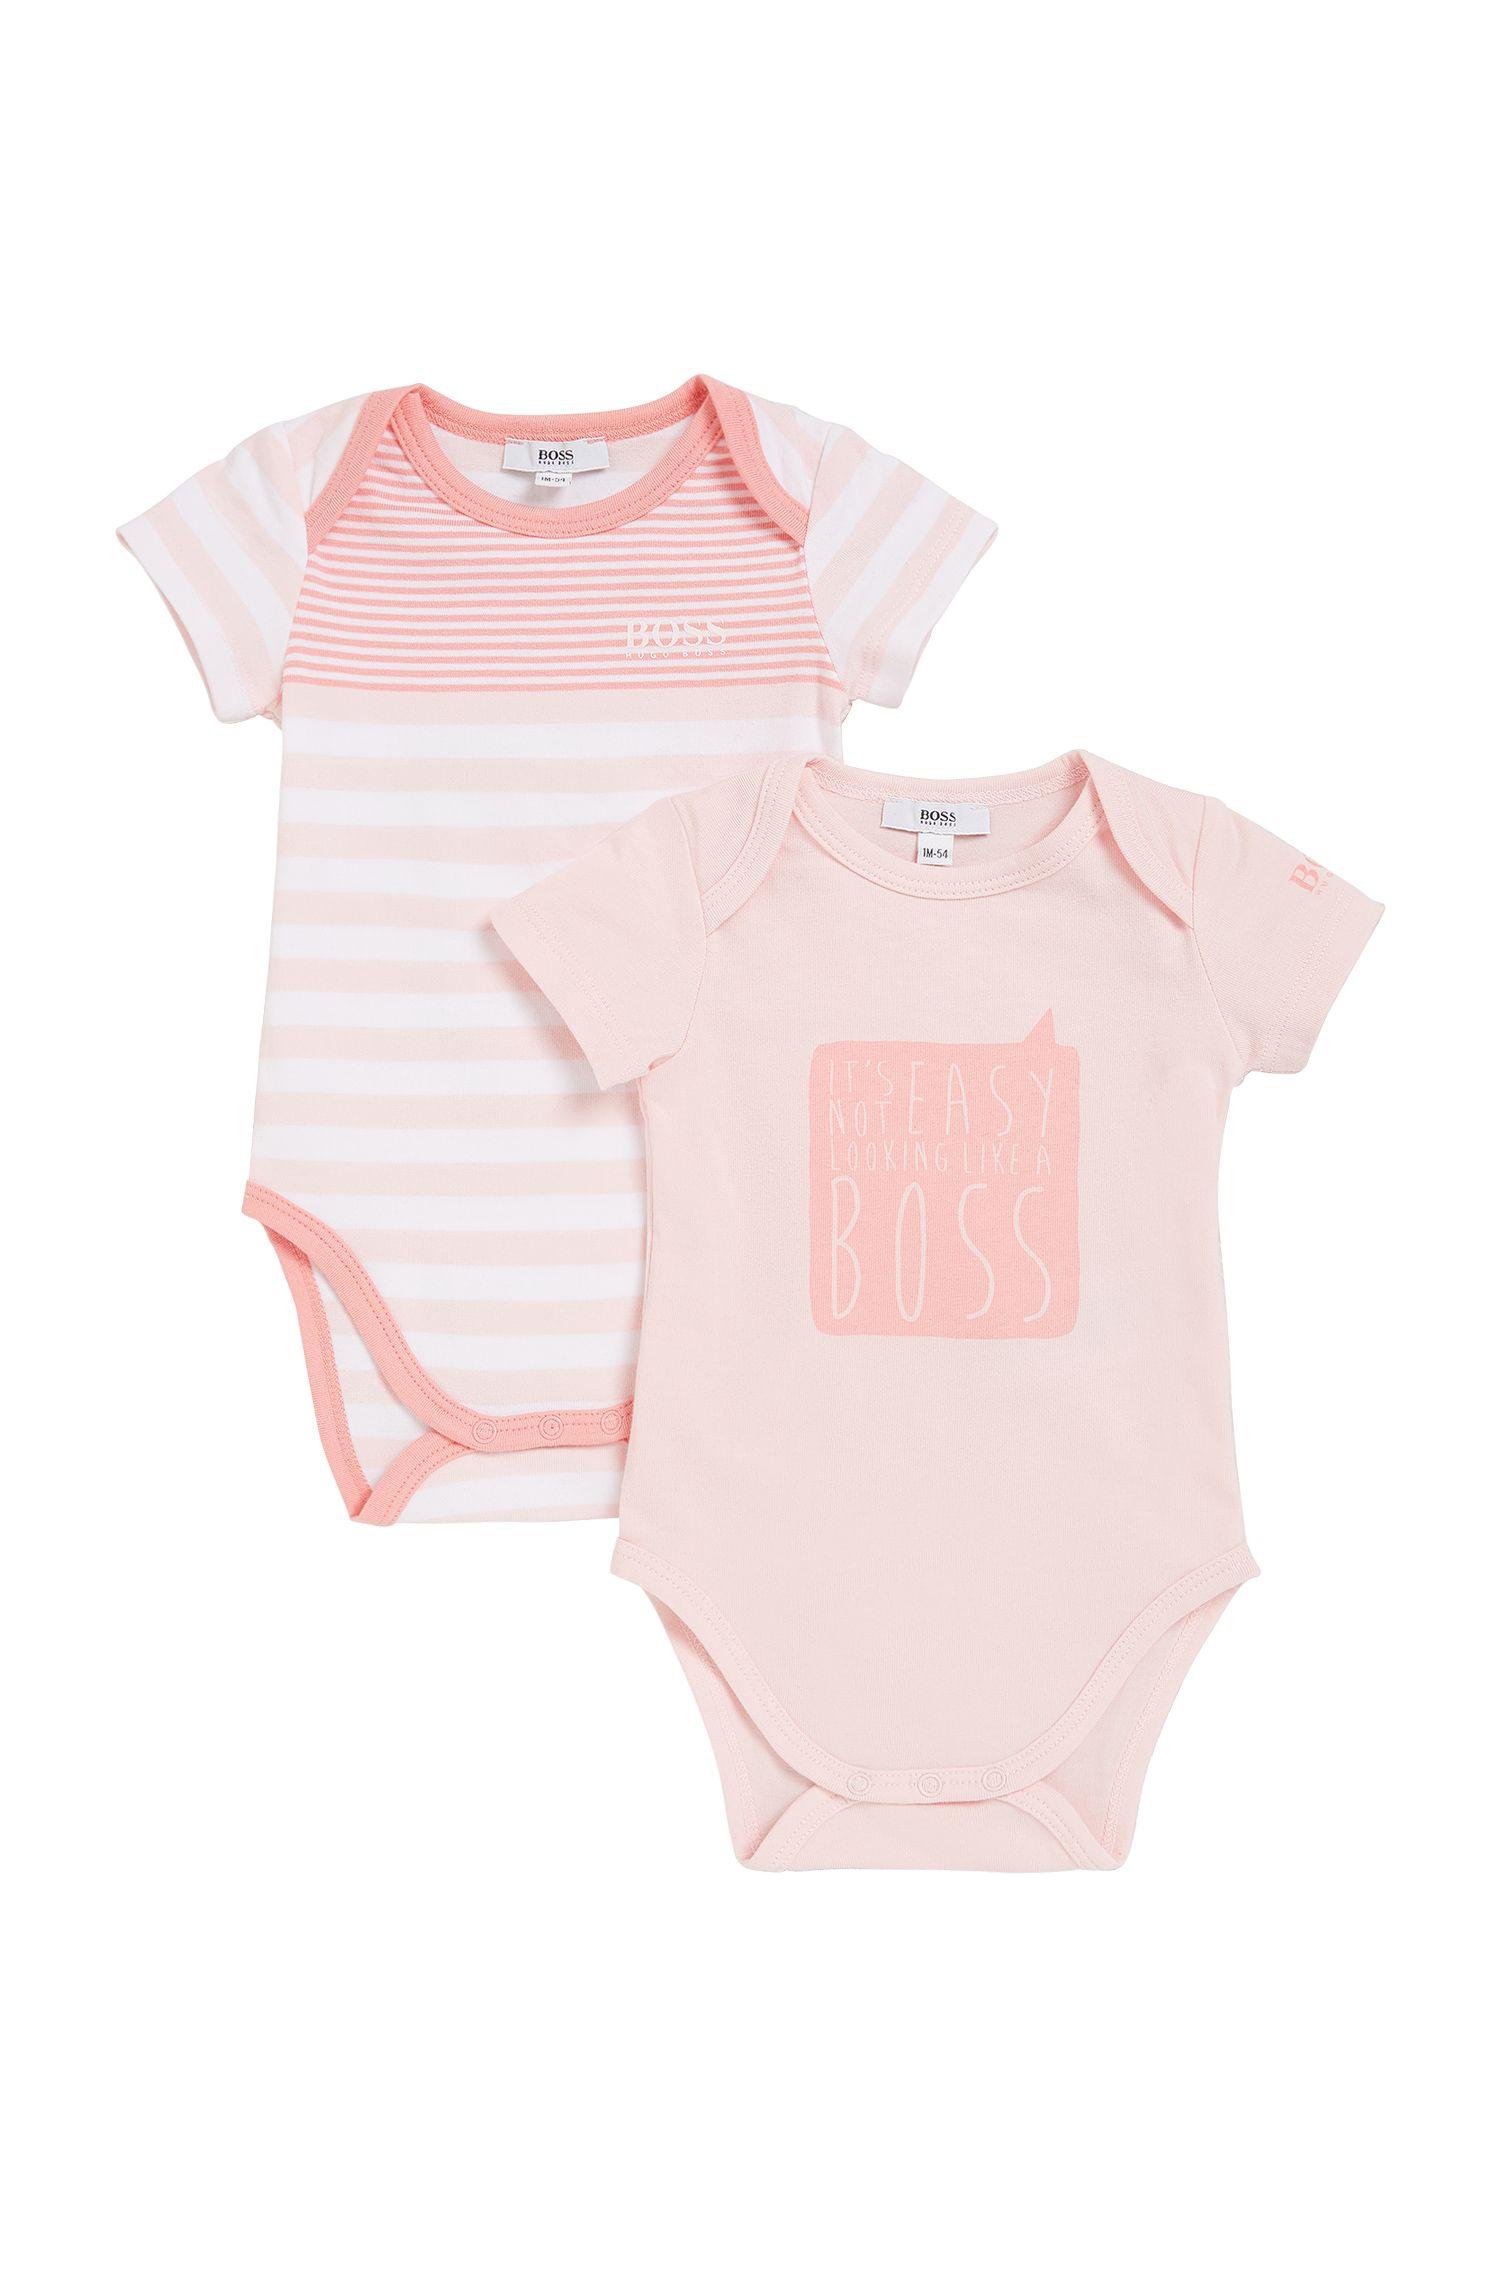 Baby-Bodys aus Single-Jersey im Zweier-Pack